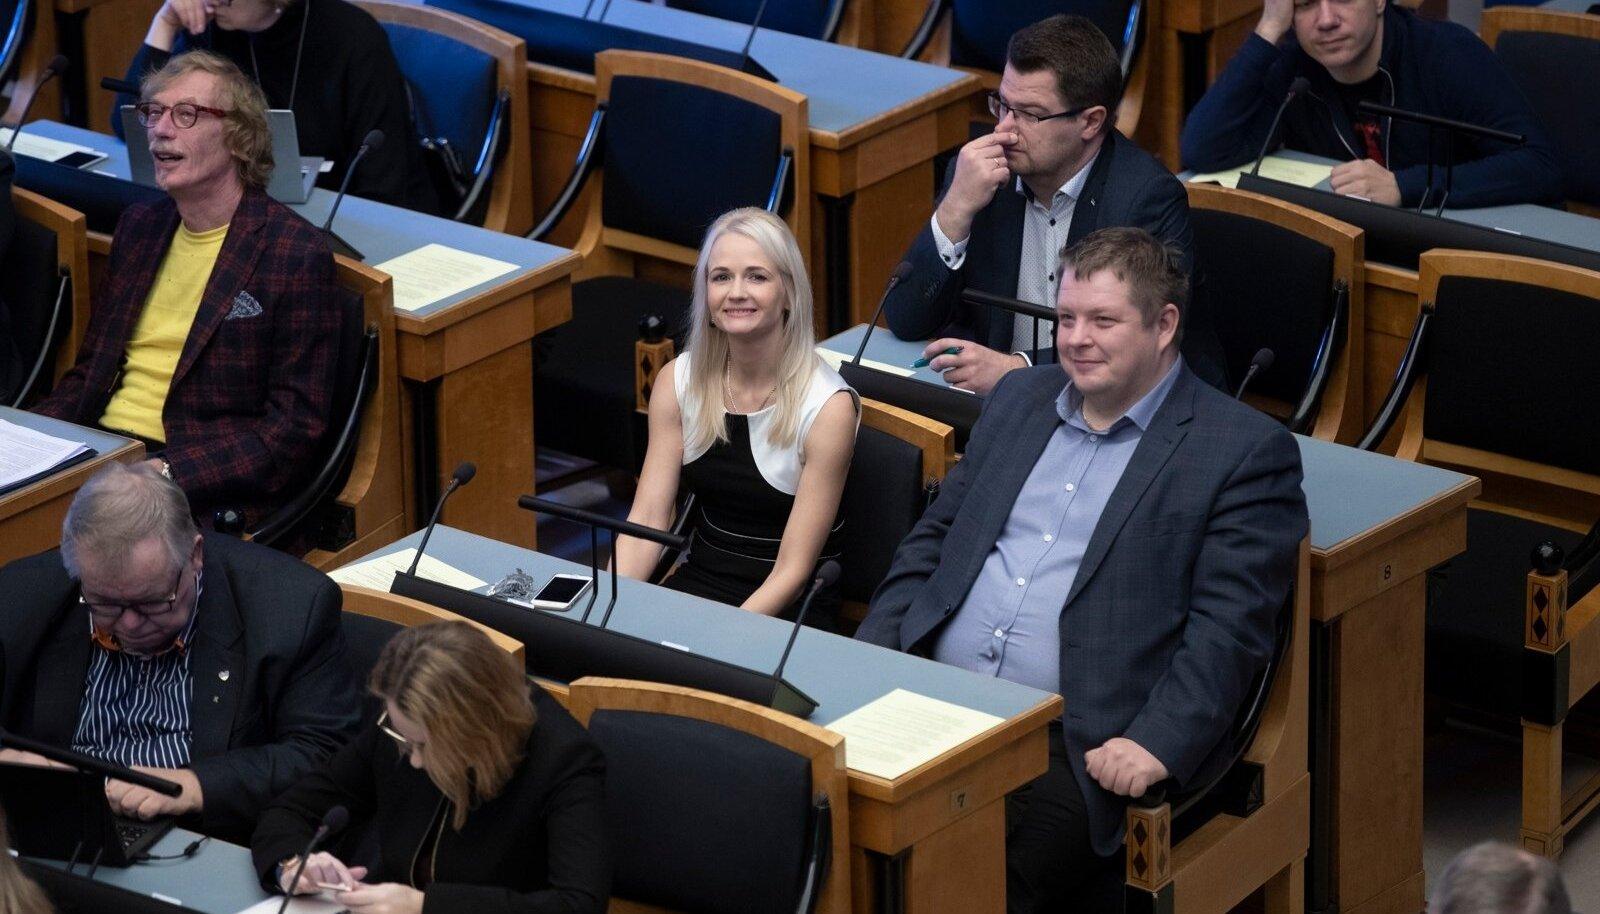 Urmas Reitelmanni ENPA delegatsiooni liikmeks kinnitamine, Siret Kotka-Repinski, Erki Savisaar